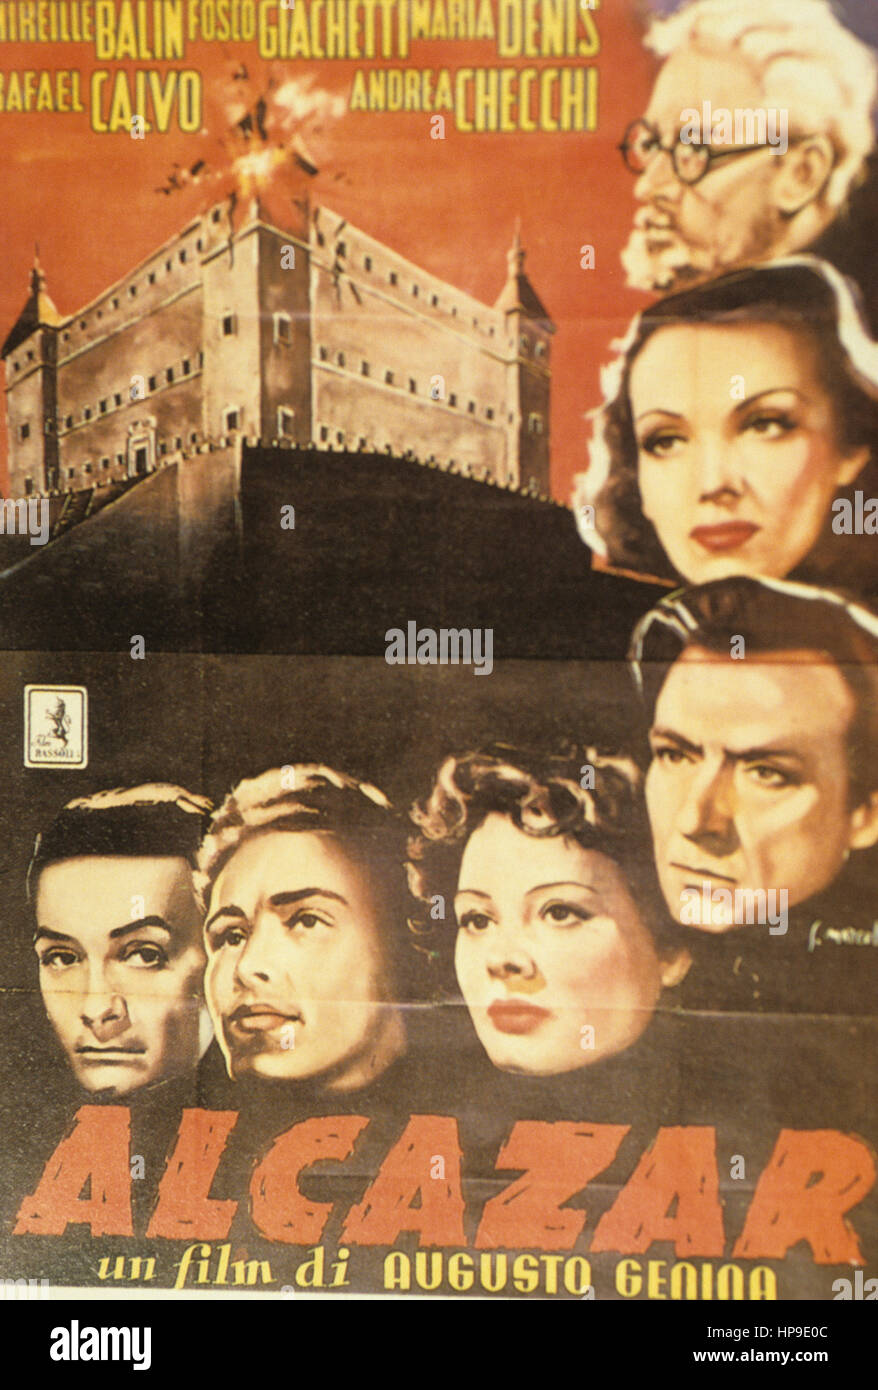 l'assedio dell'alcazar,1940 - Stock Image